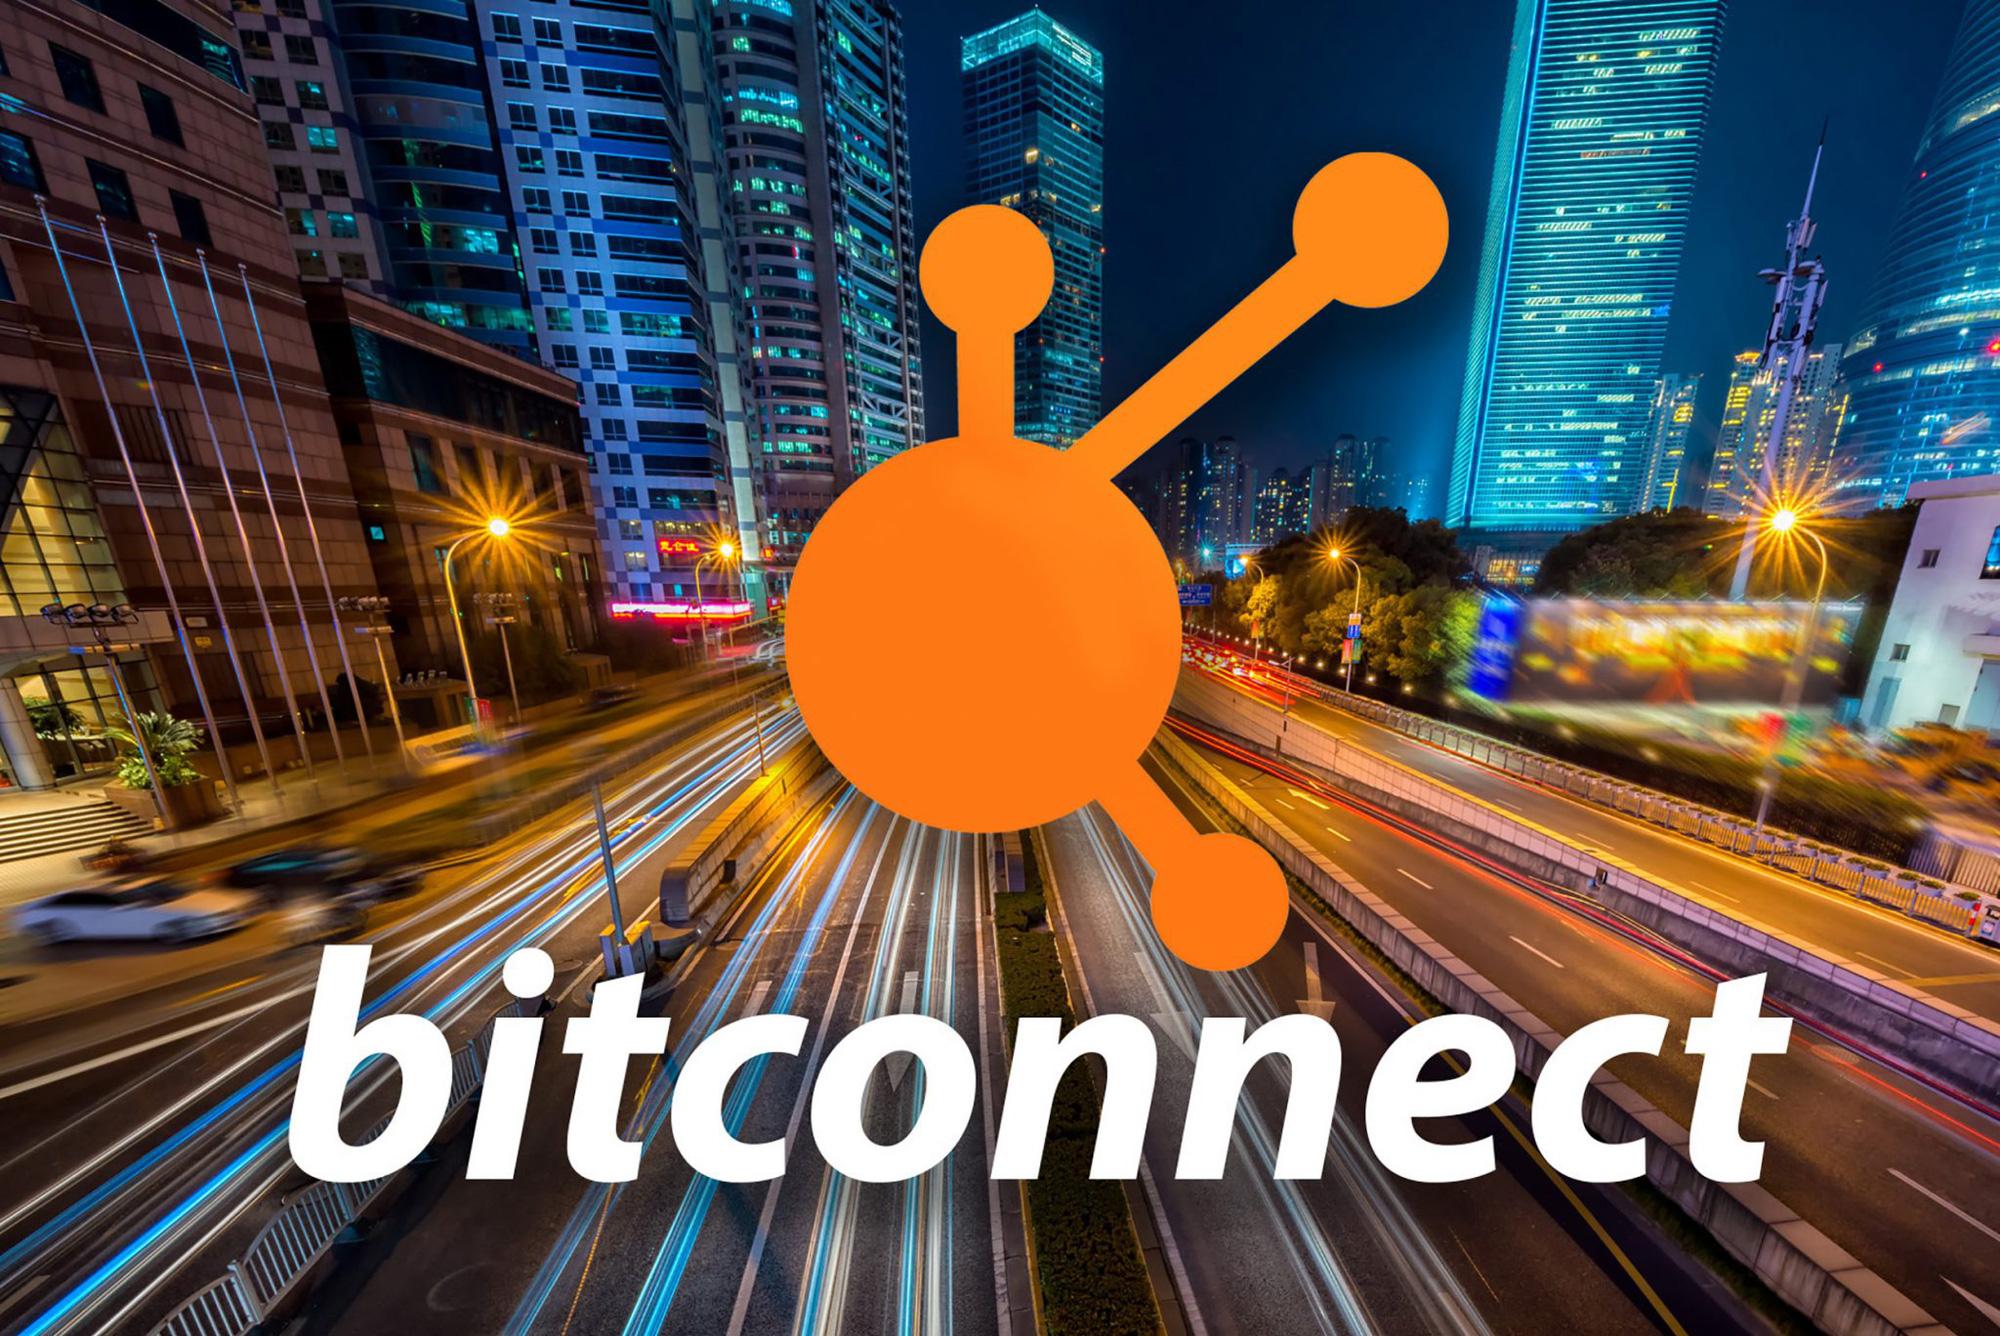 Nhà sáng lập BitConnect bị truy tố lừa đảo 2 tỷ USD - Ảnh 1.